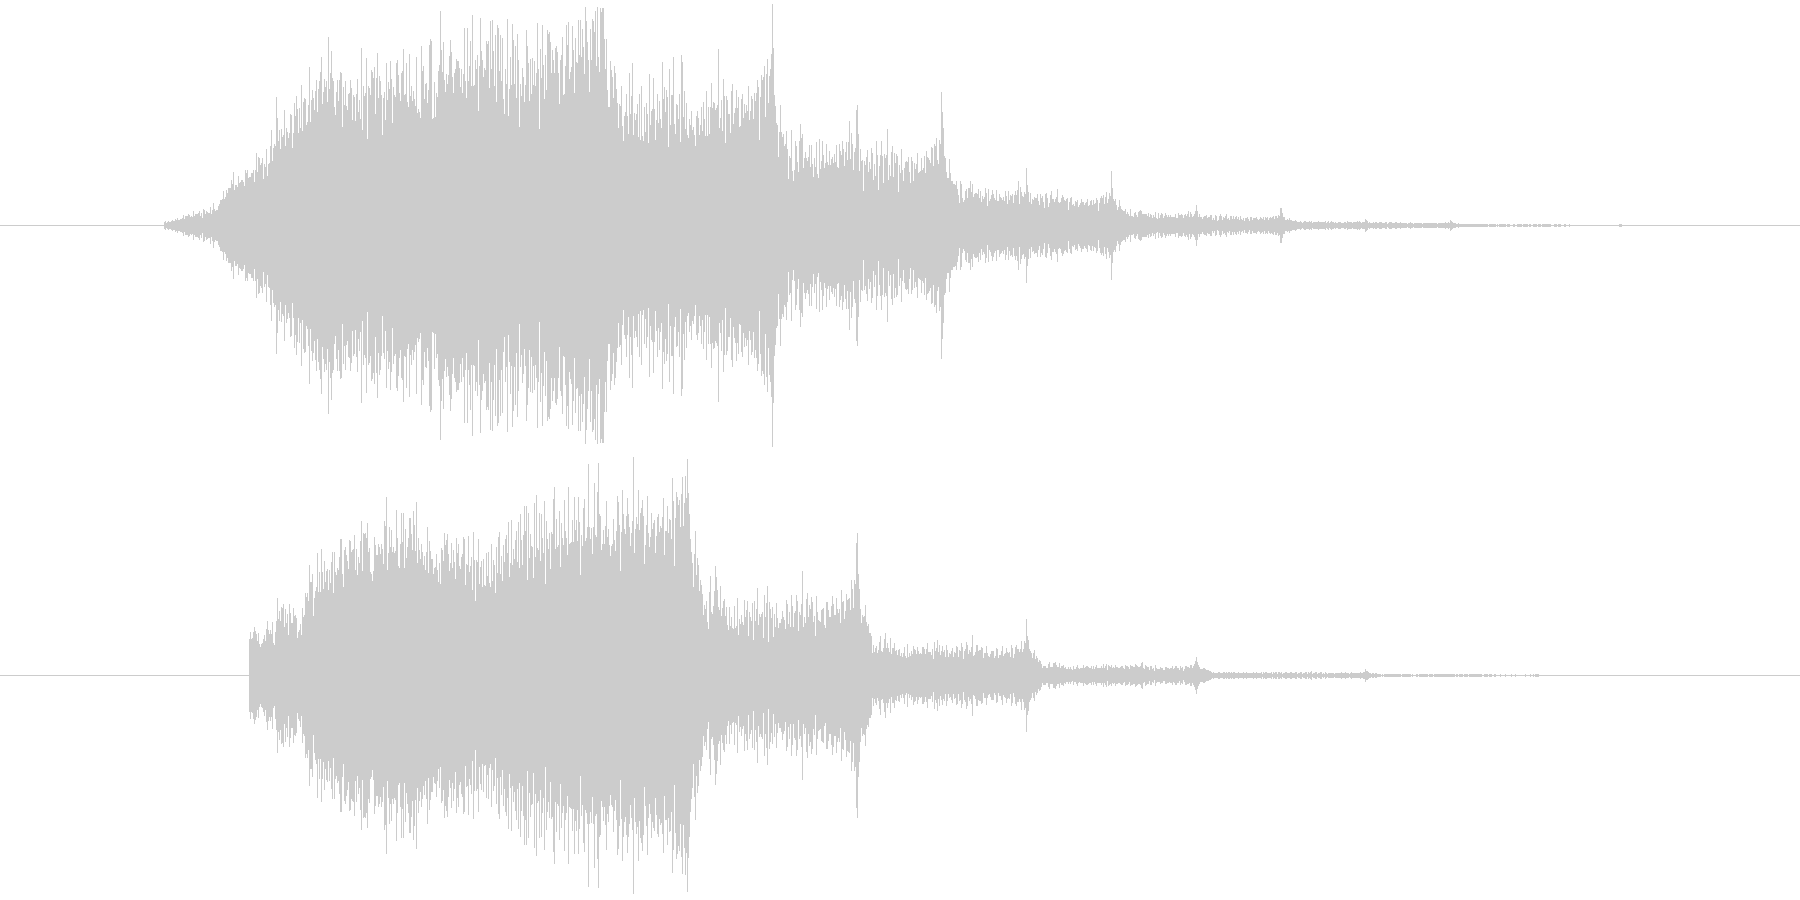 キーンというホラー系の効果音 の未再生の波形